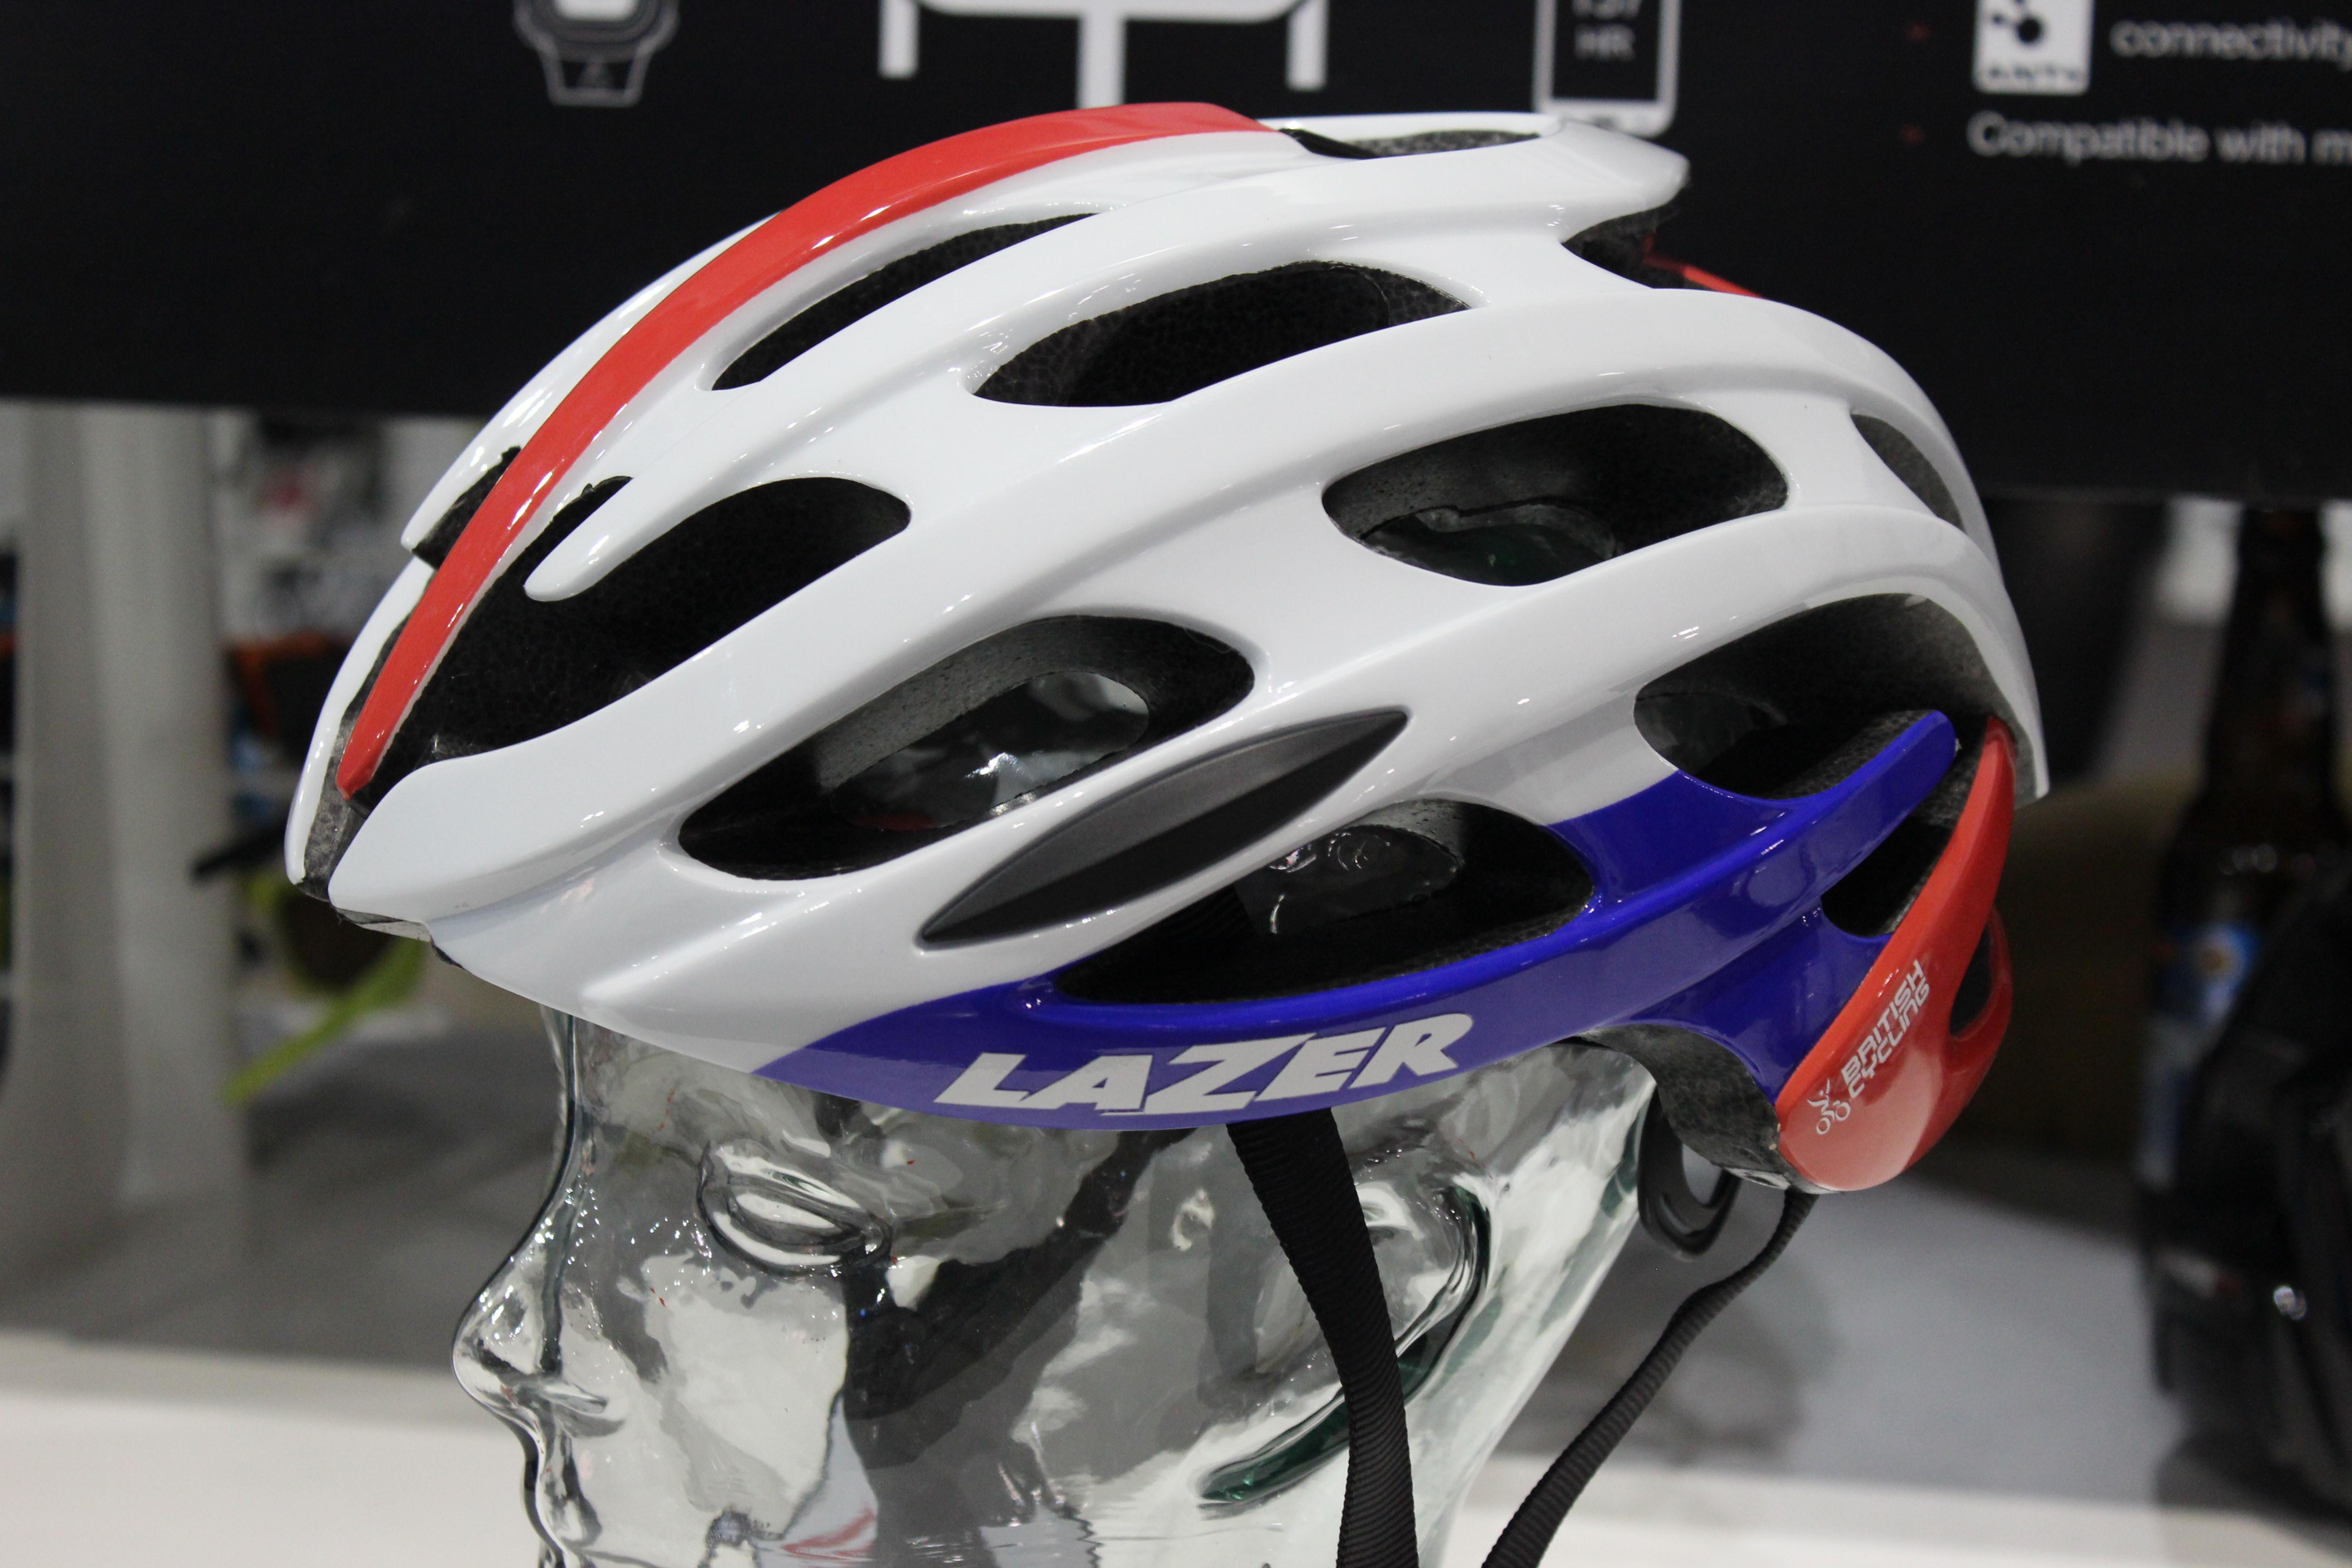 Es gibt keine gesetzlichen Vorschriften, einen Helm tragen zu müssen. Der Großteil der Rennradfahrer tut es trotzdem.